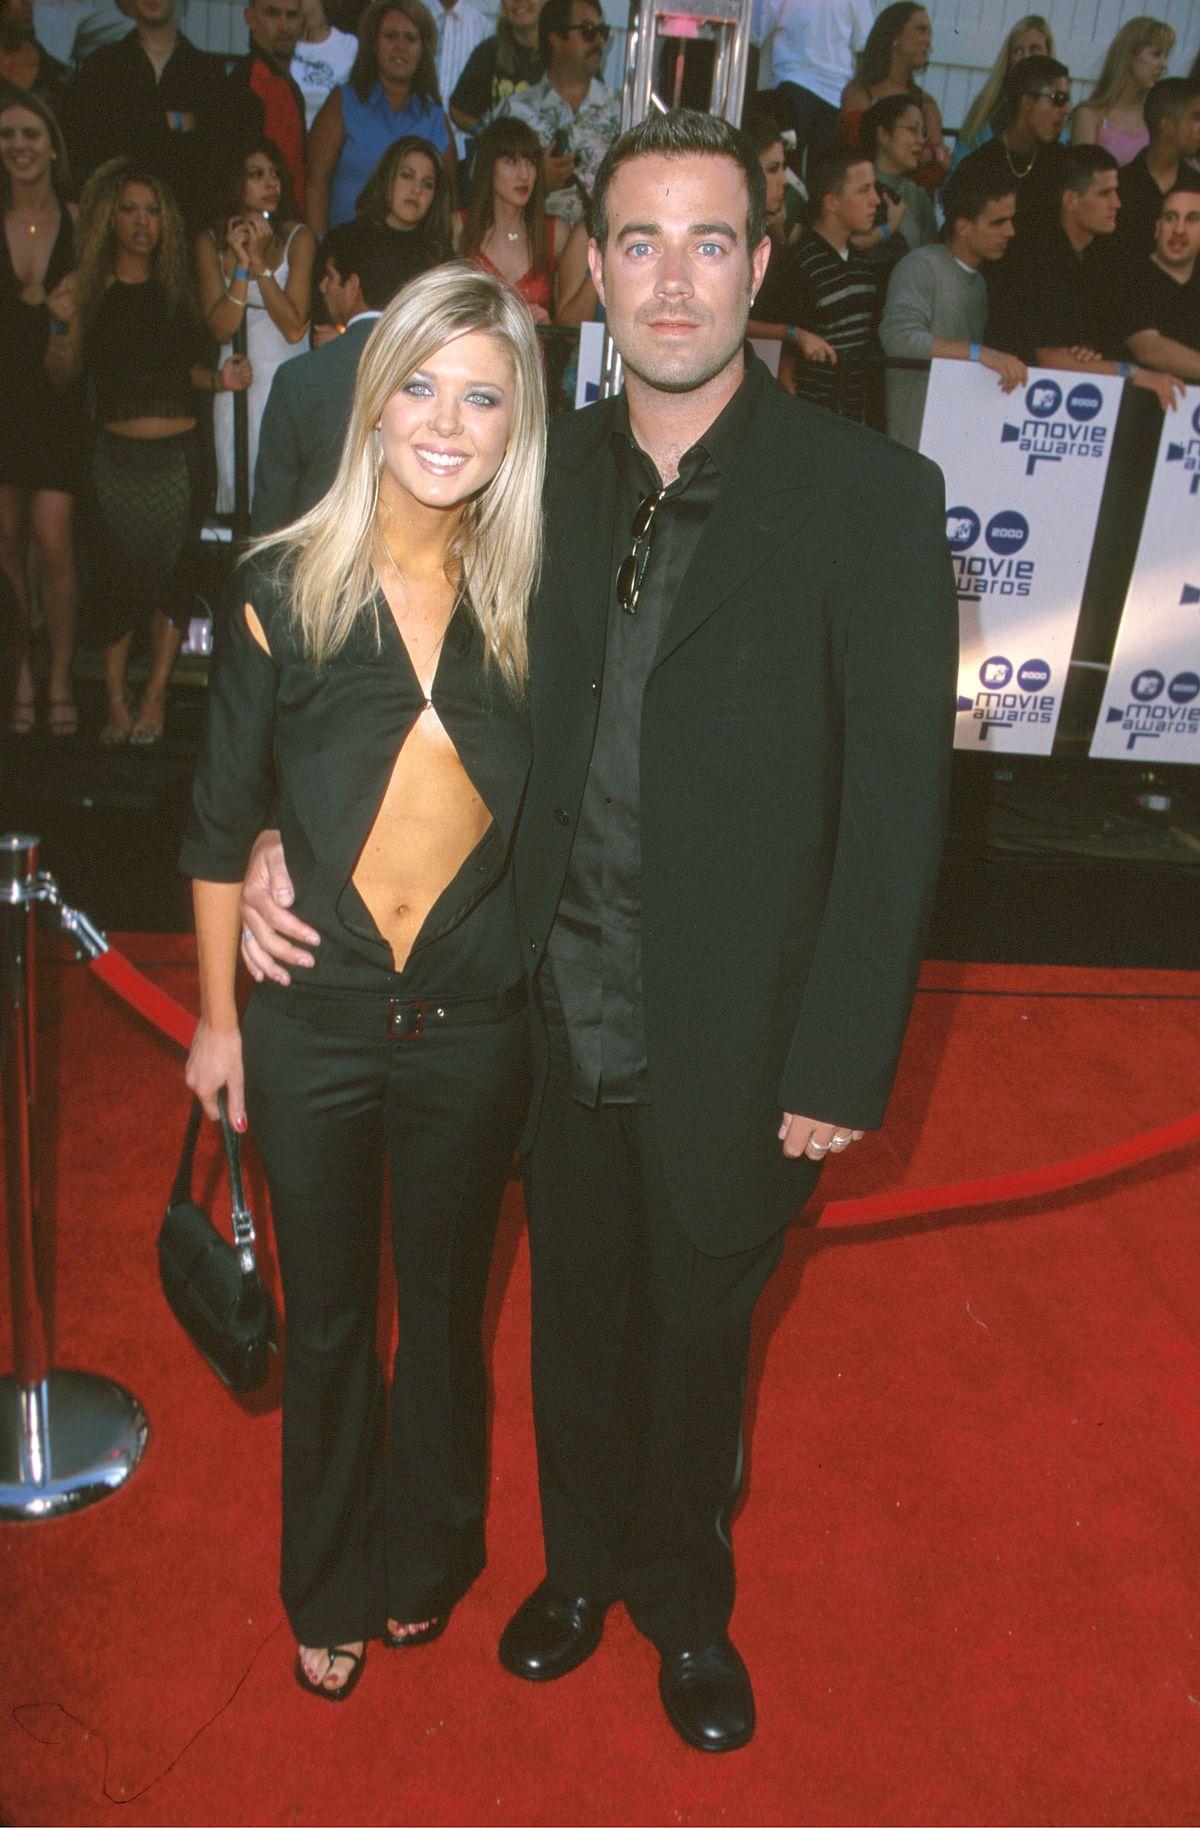 Tara Reid and Carson Daly